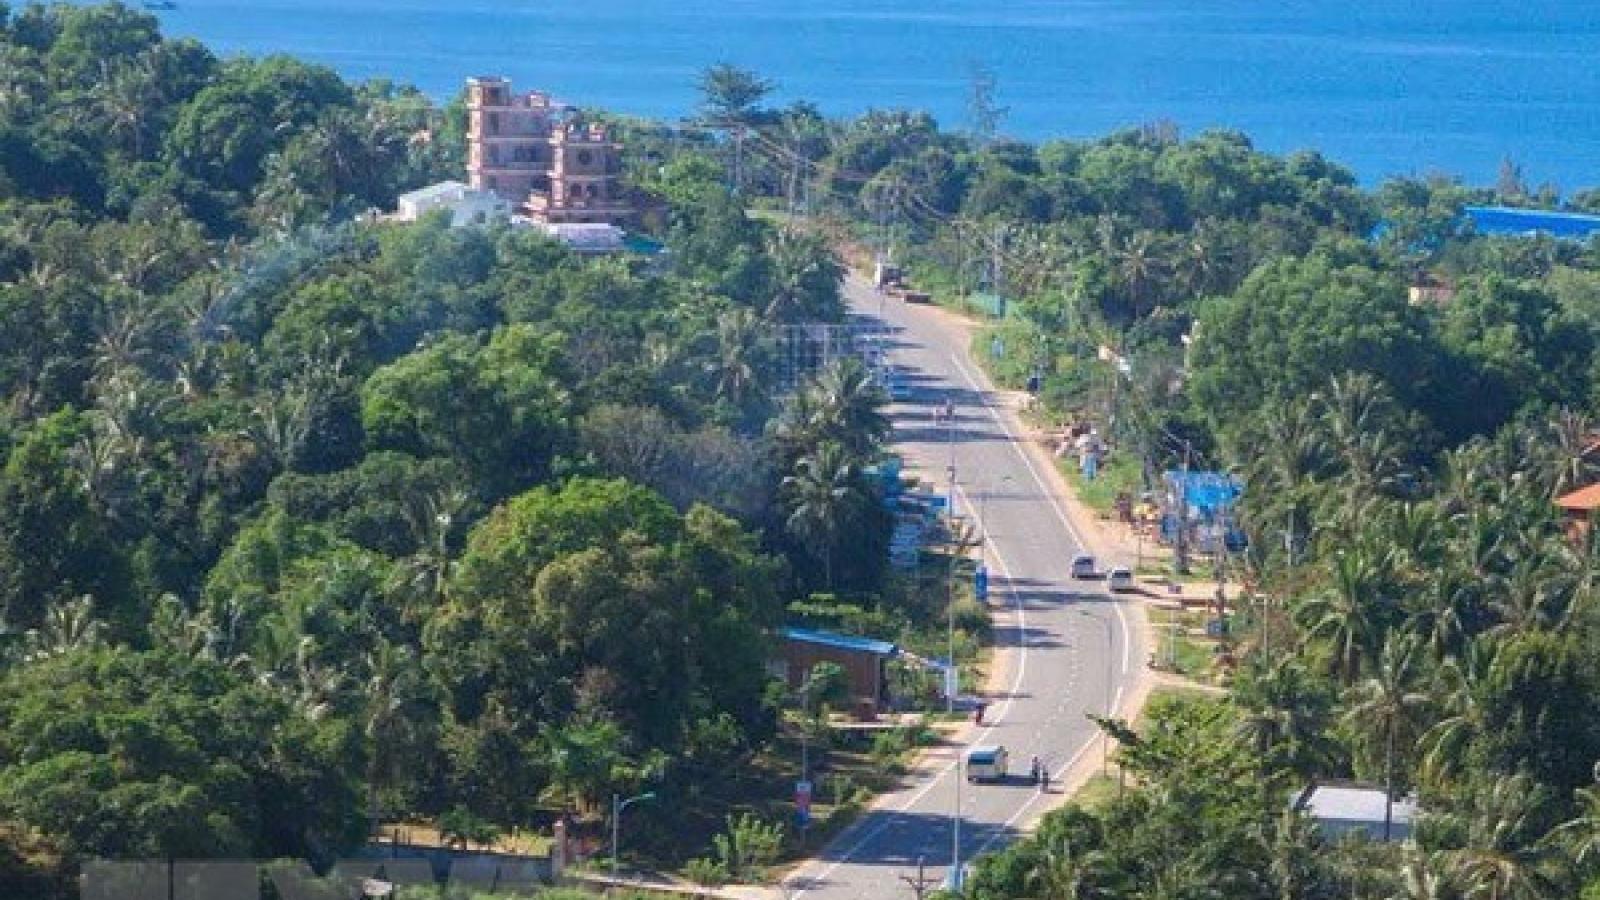 International visitors to Vietnam drop 97.6% y-o-y in H1